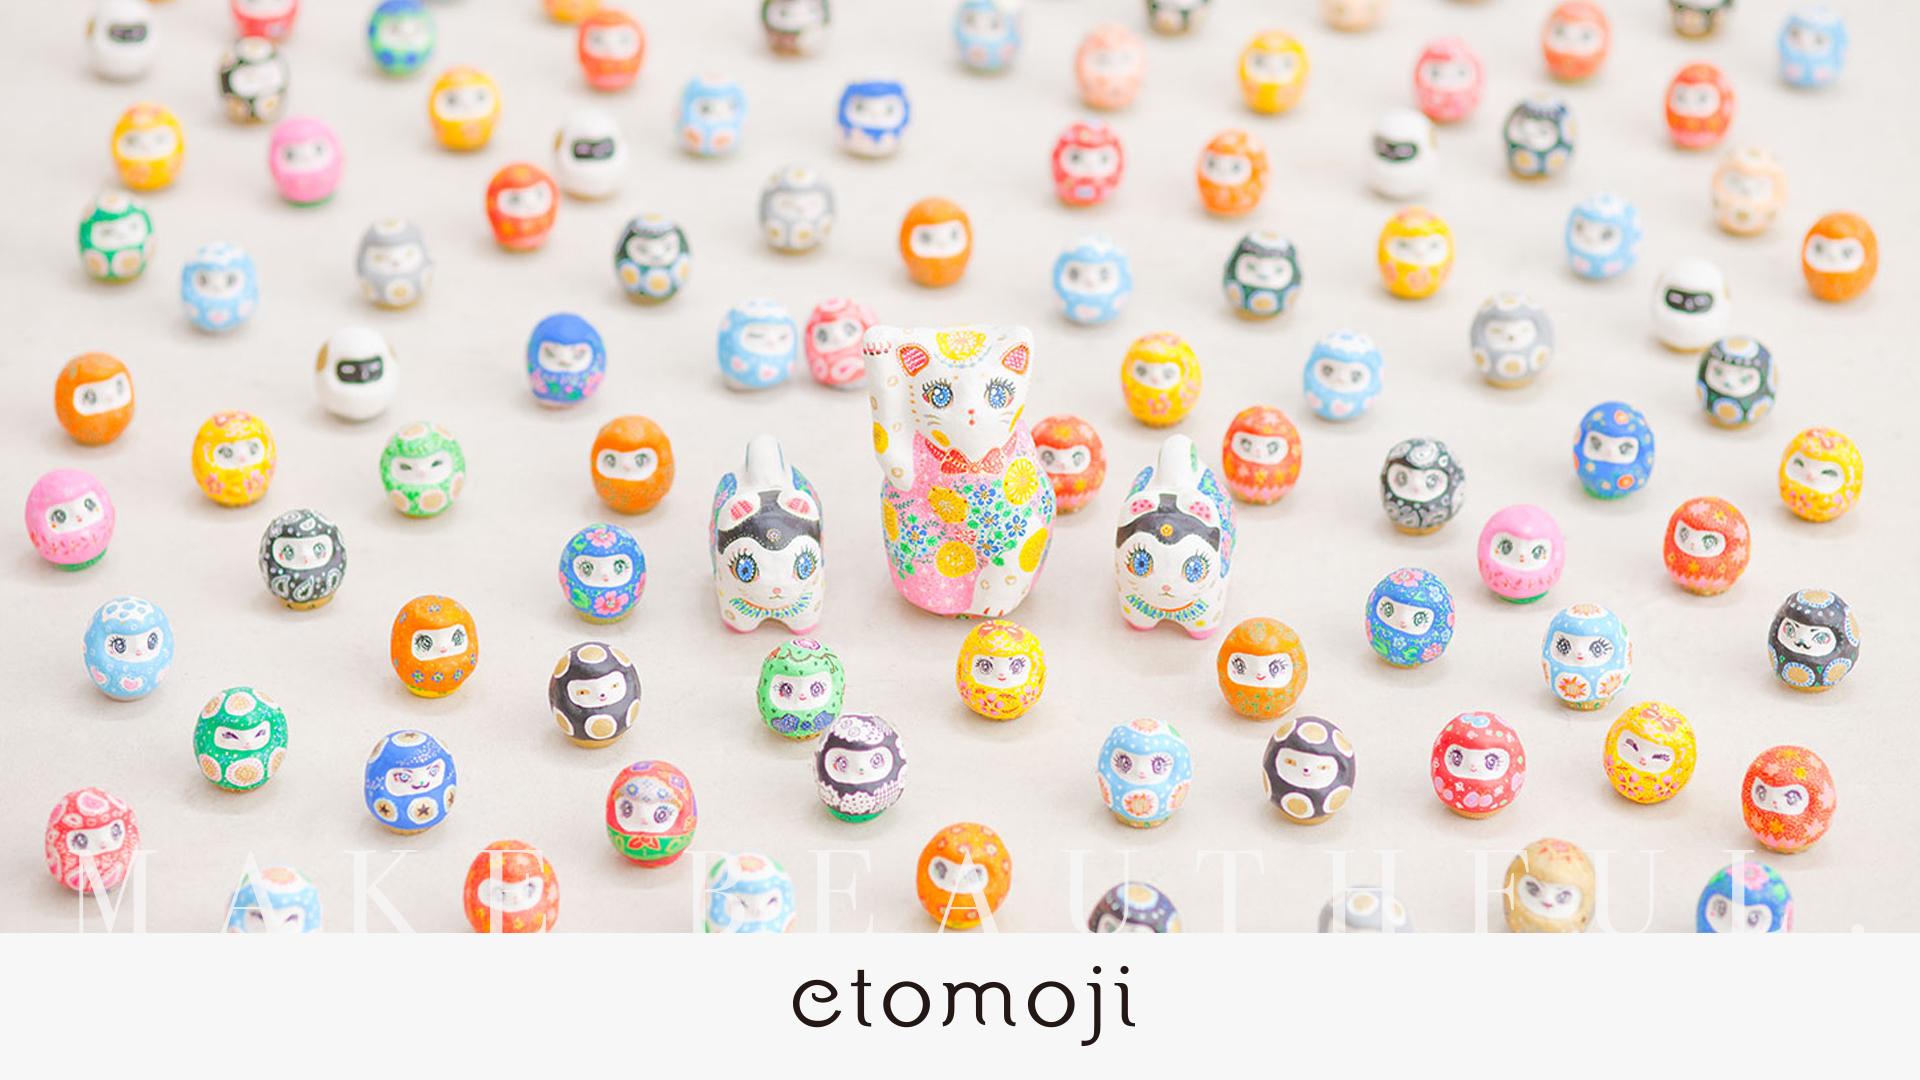 etomoji